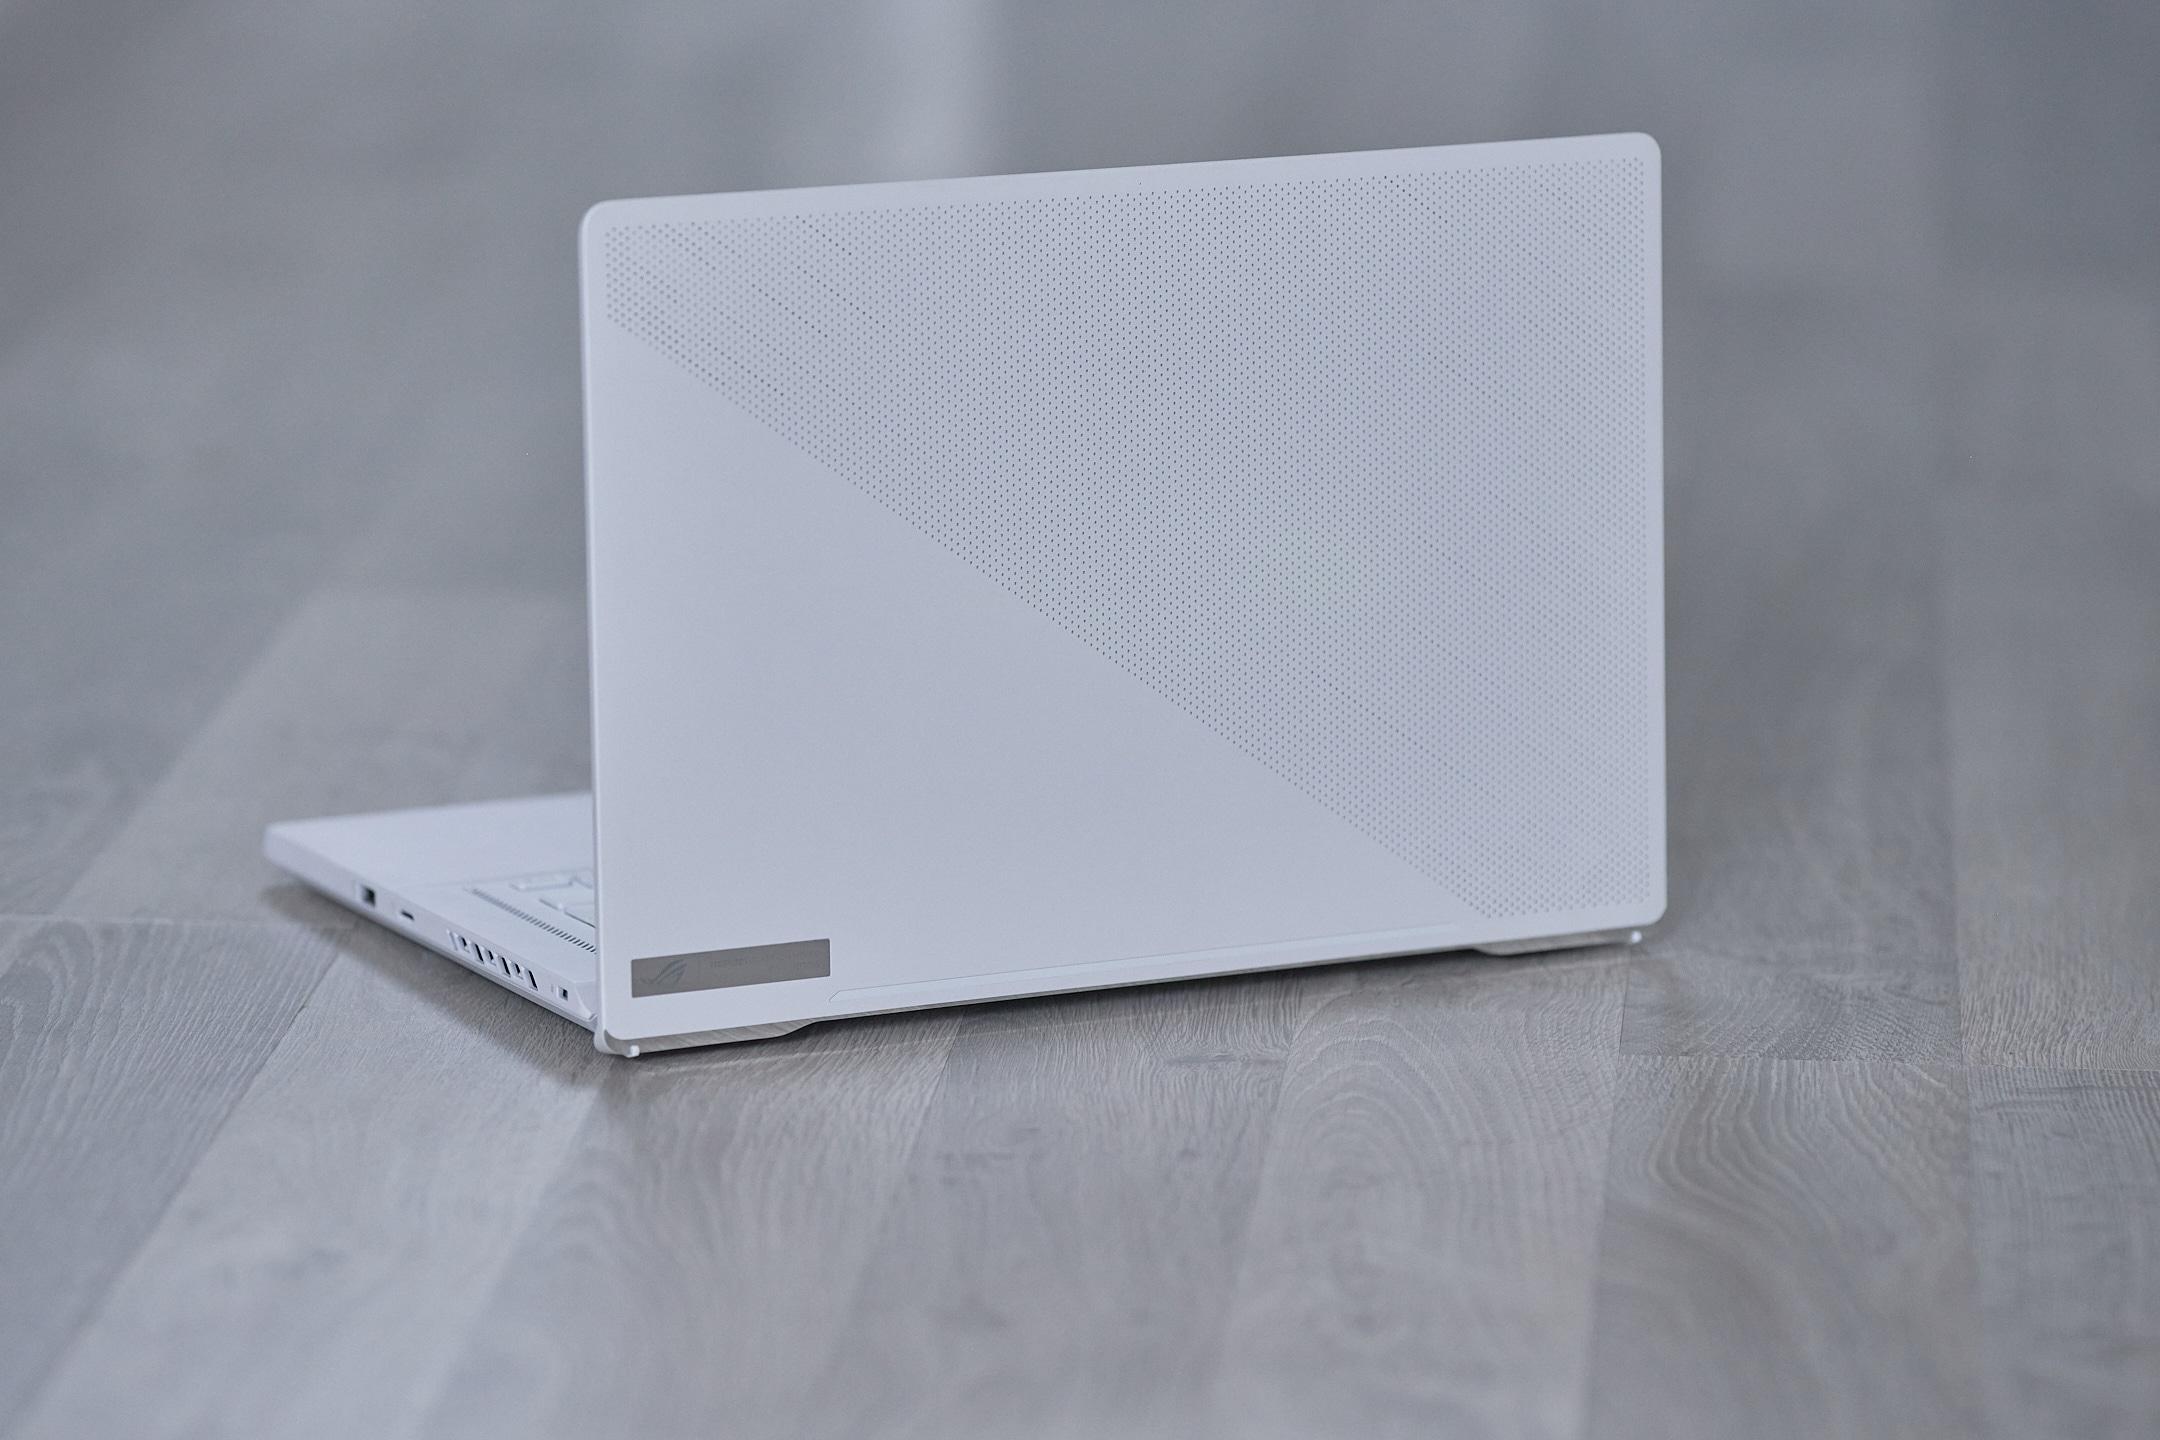 Promo PC portable - notre sélection des meilleures offres 17 pouces